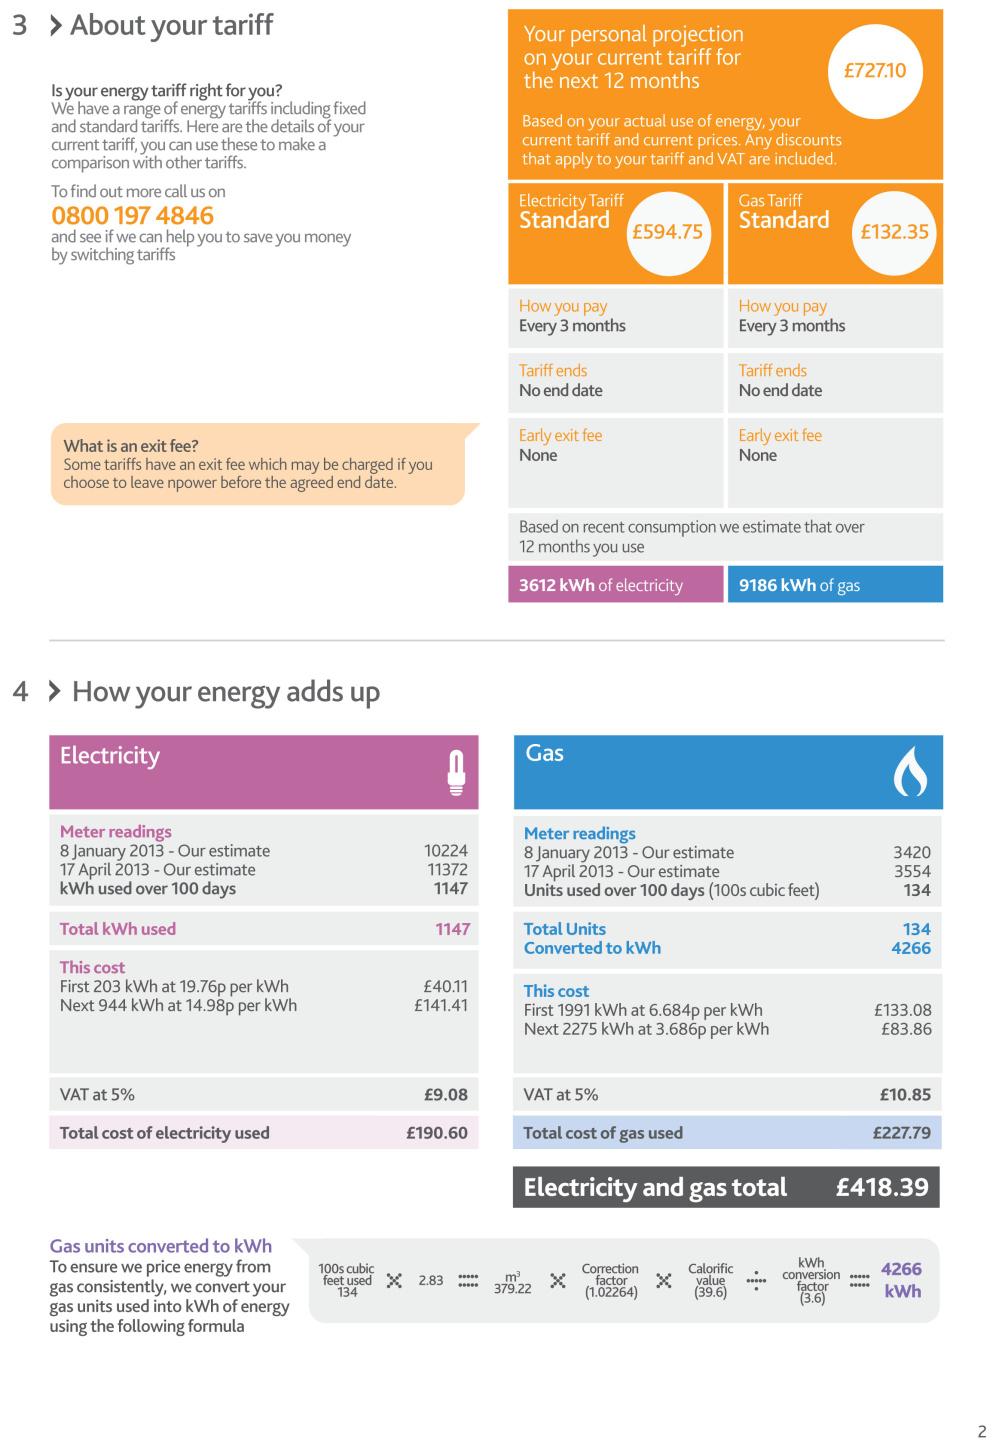 Lippincott redesigns Npower energy bills | Design Week